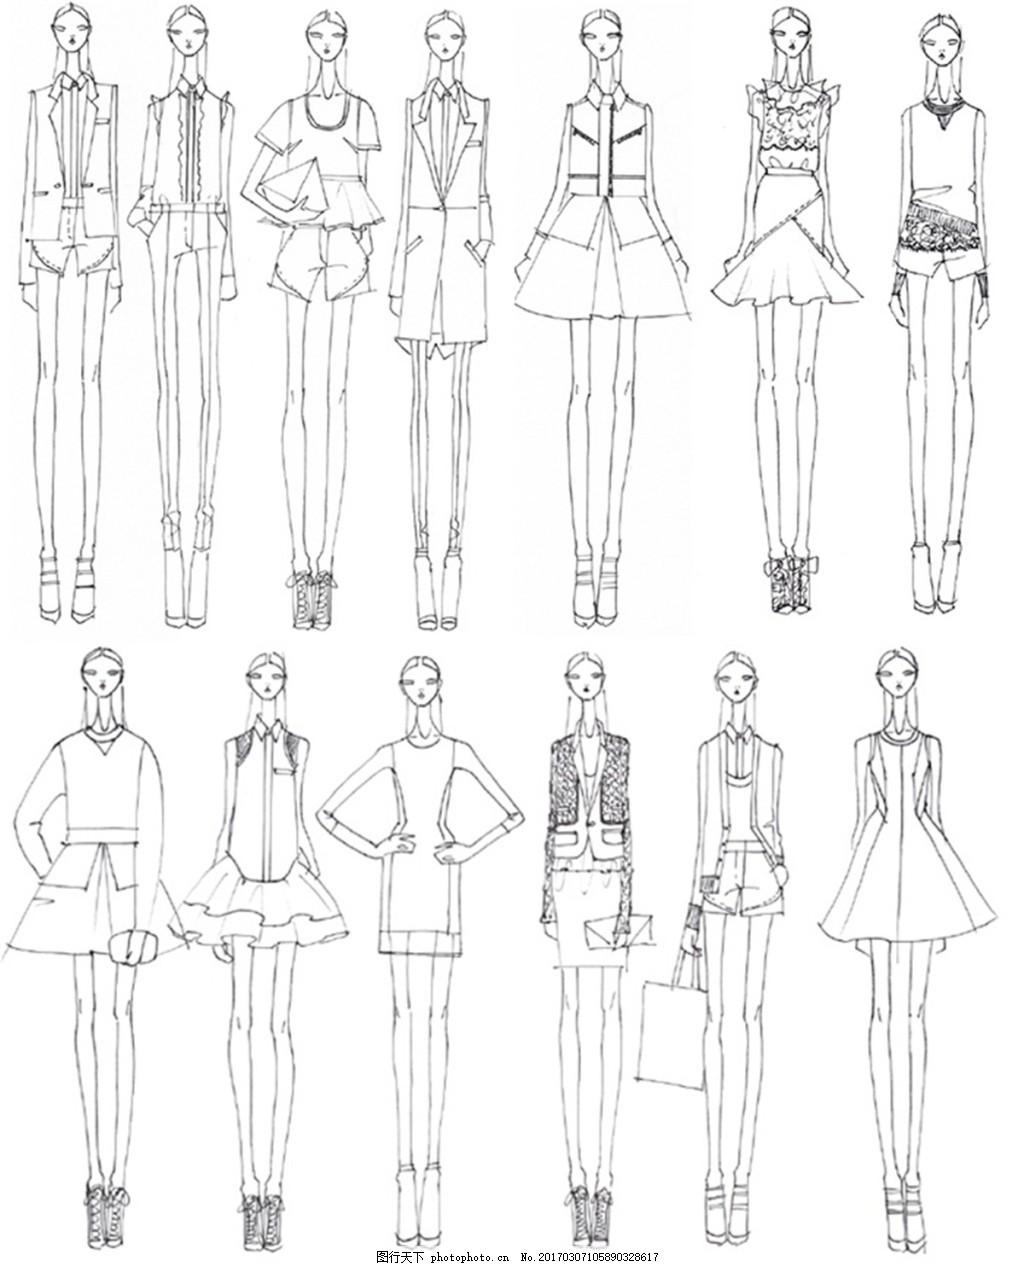 多款女装设计图 服装设计 时尚女装 职业女装 职业装 女装设计效果图